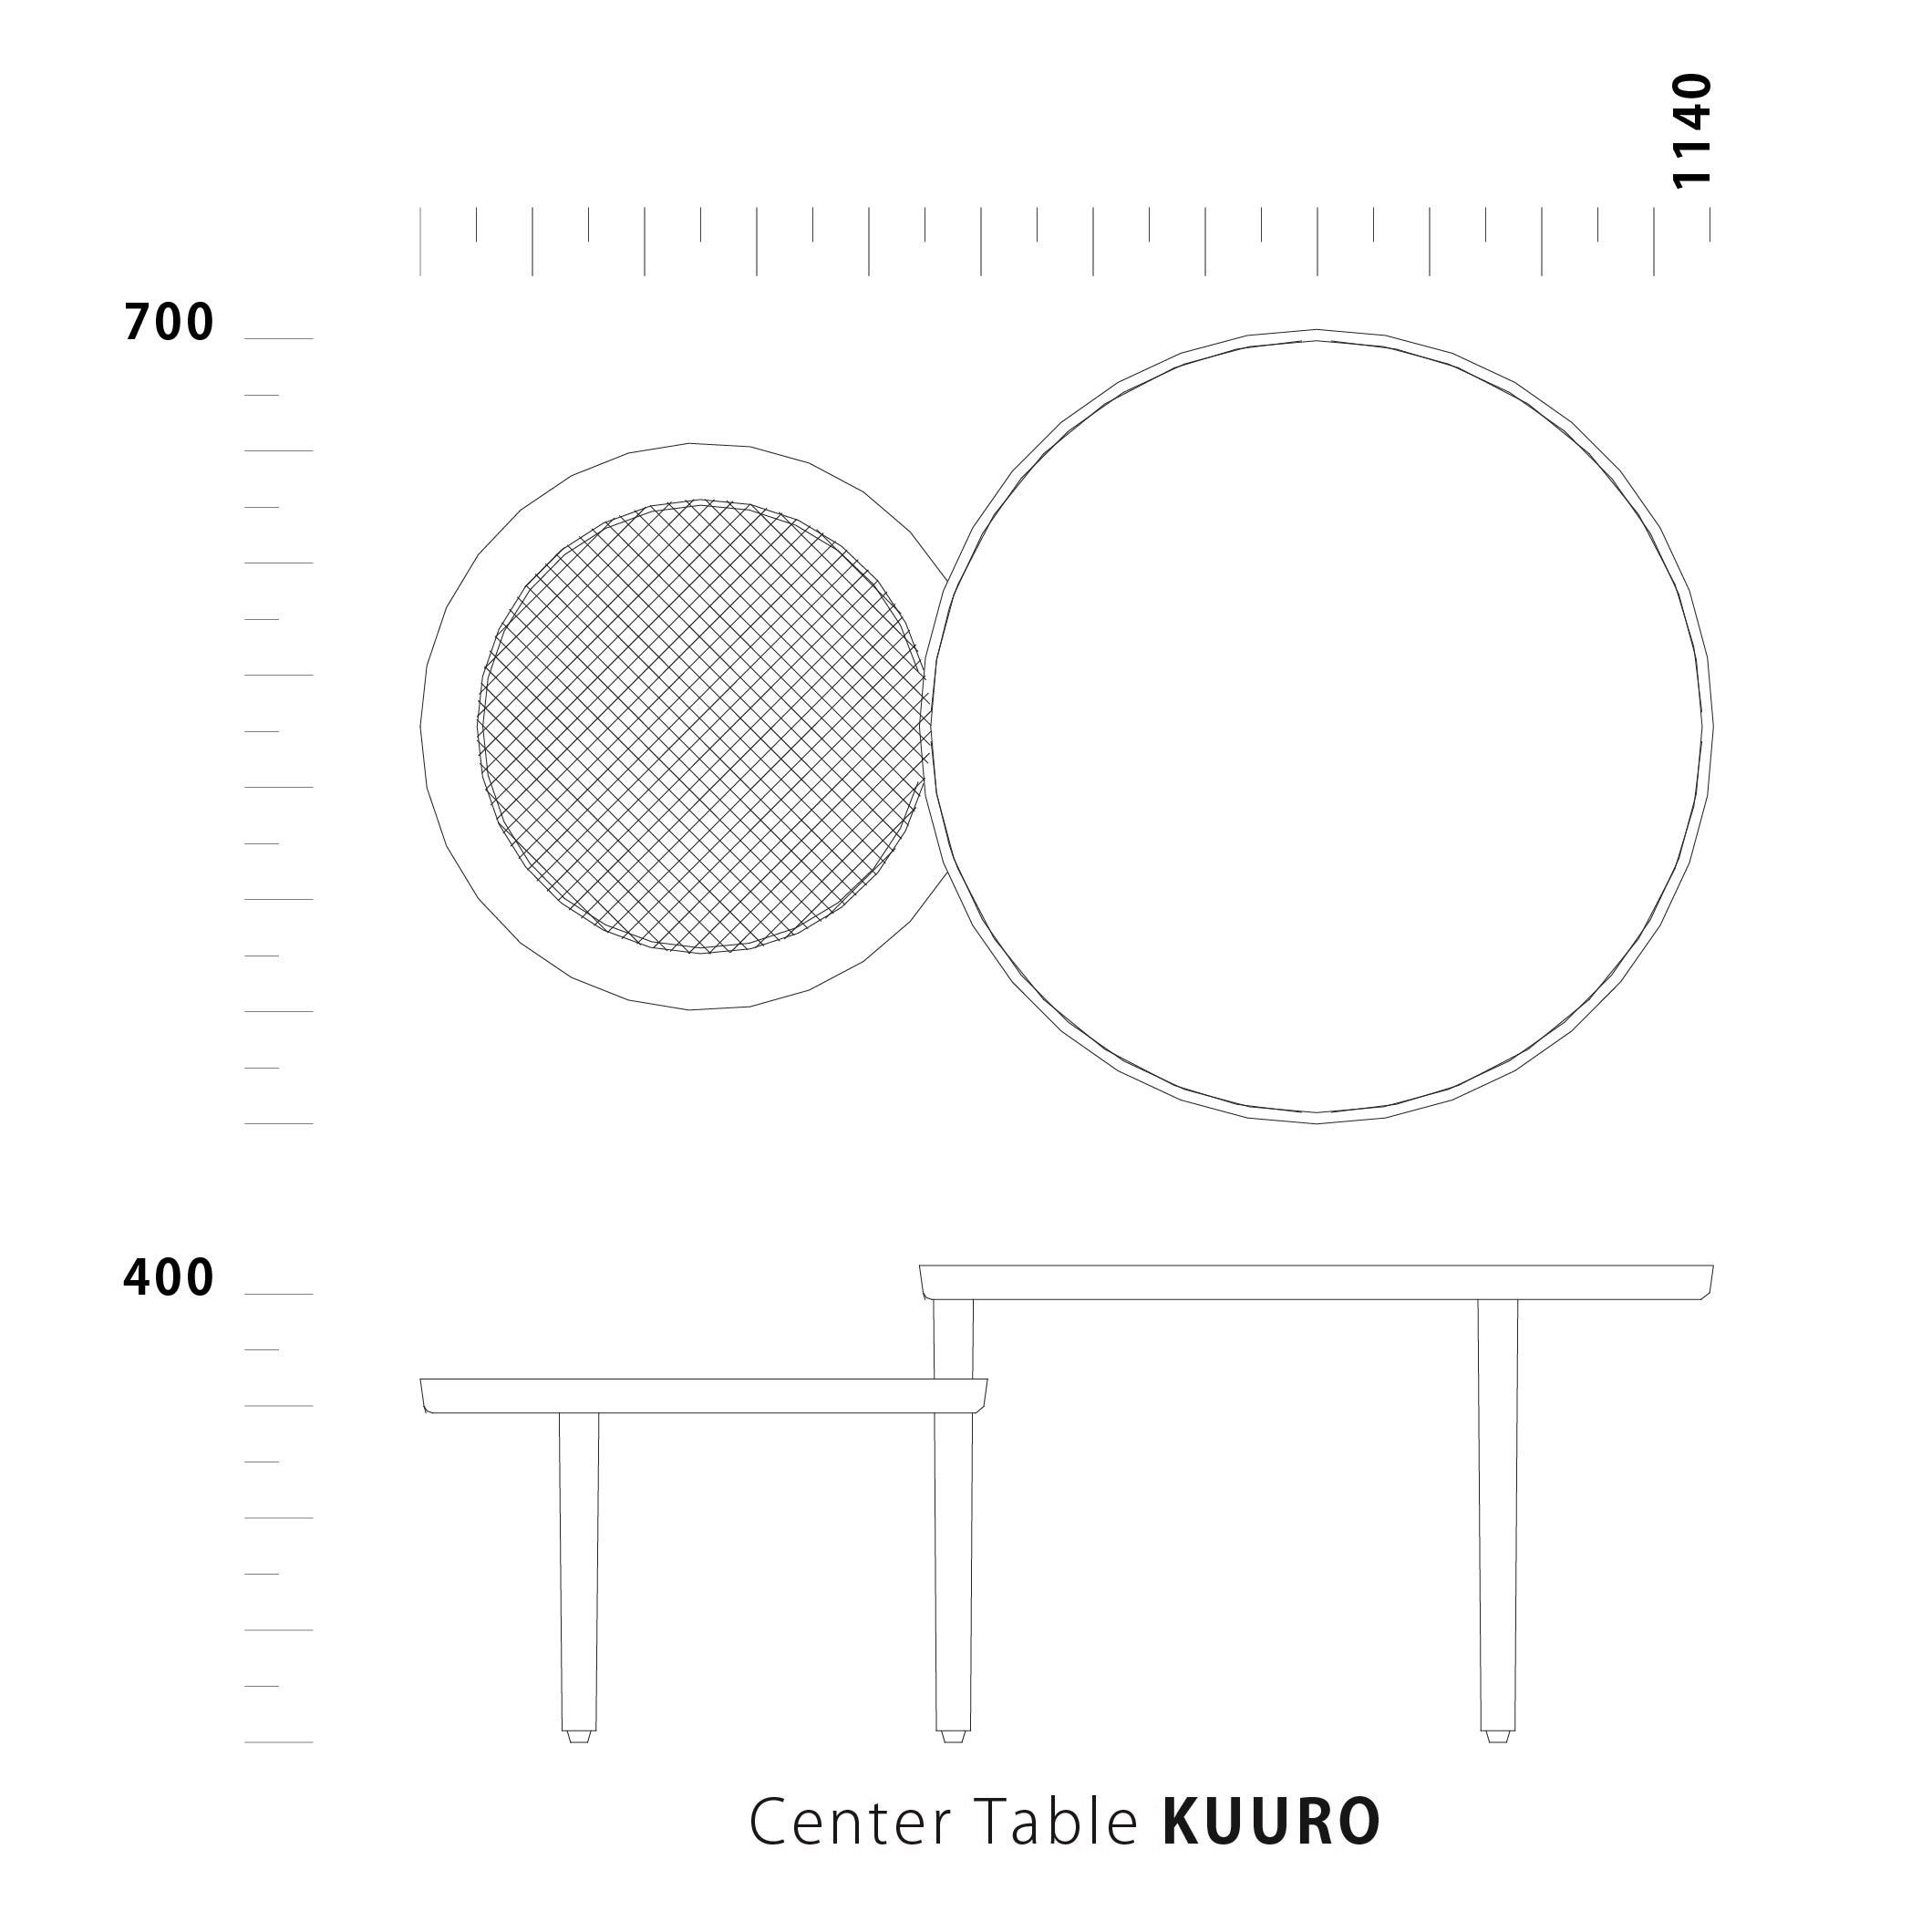 Center Table KUURO